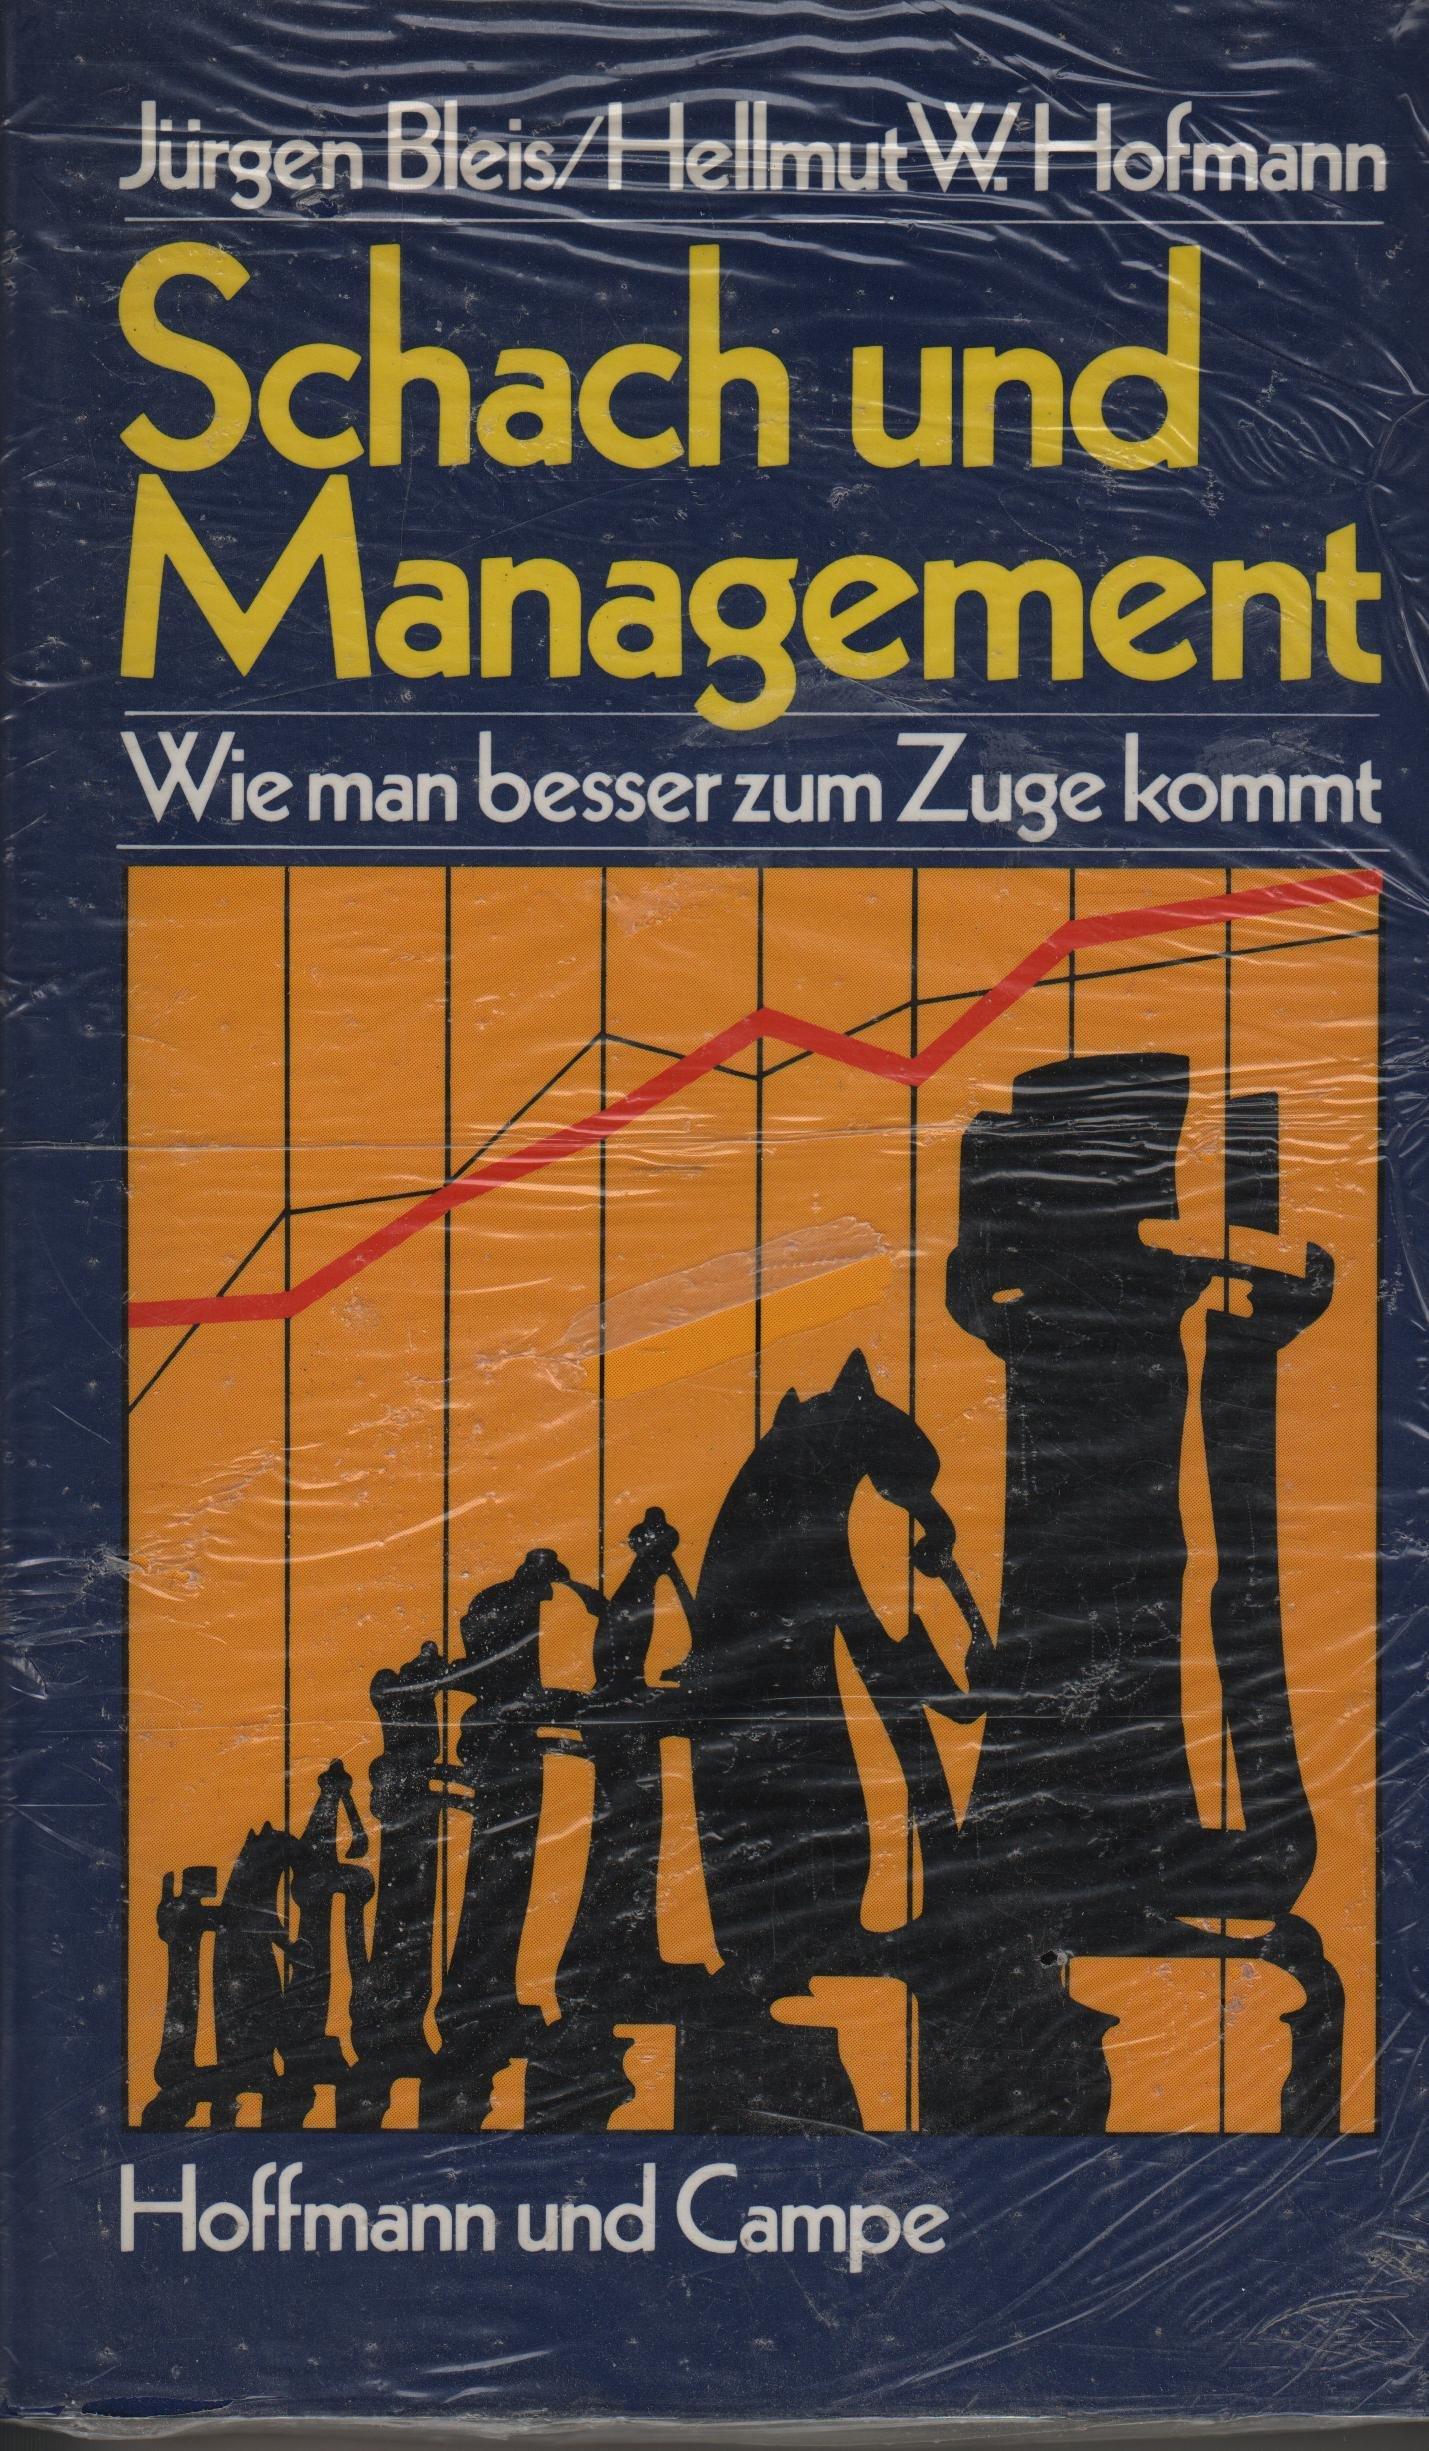 Schach und Management. Erfolgstraining für Führungskräfte